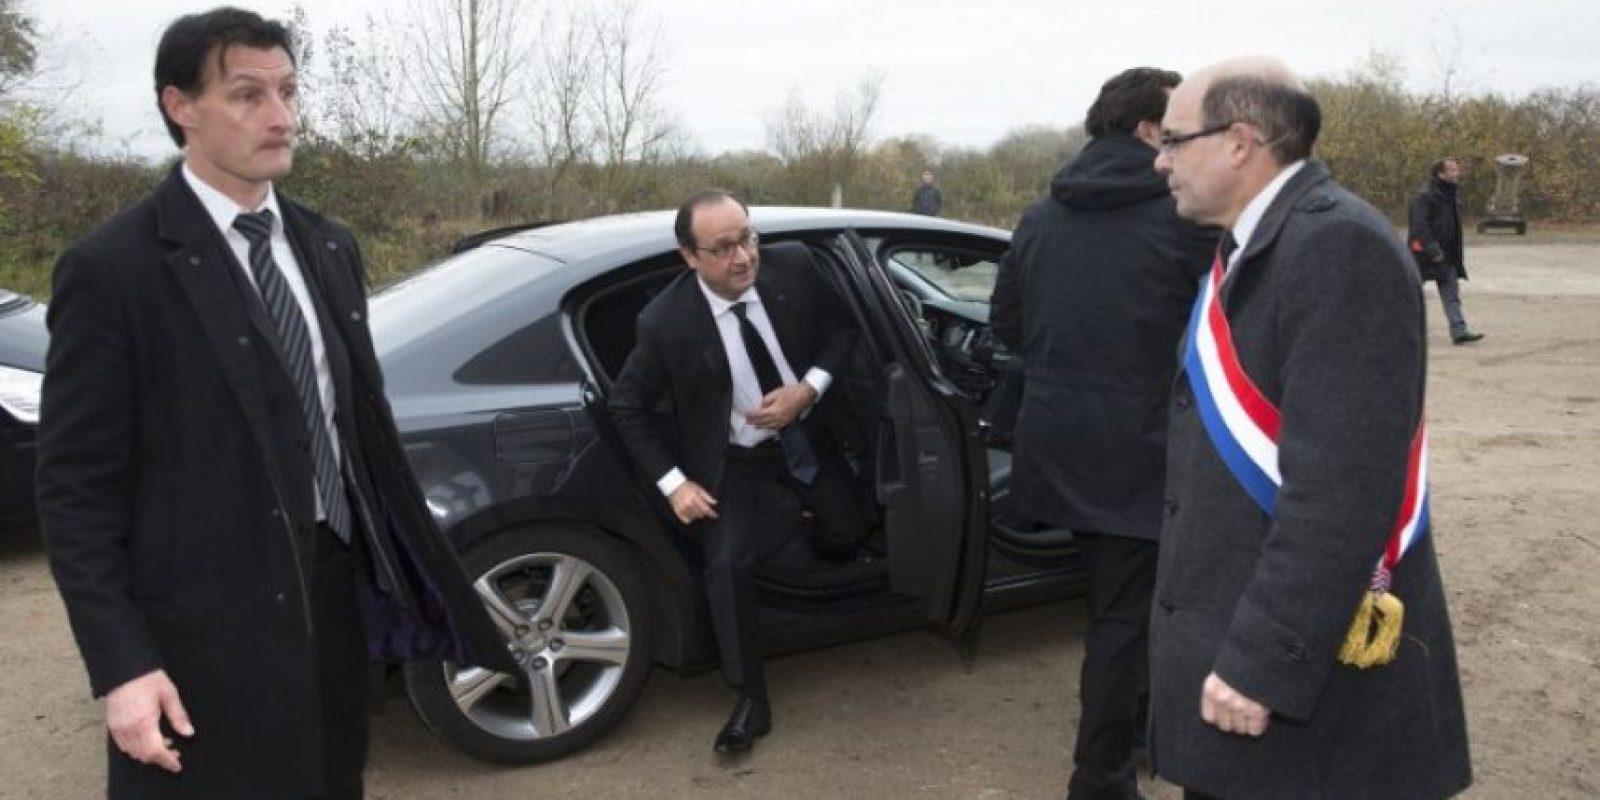 El auto del mandatario francés es amigable con el medio ambiente. Foto:AFP